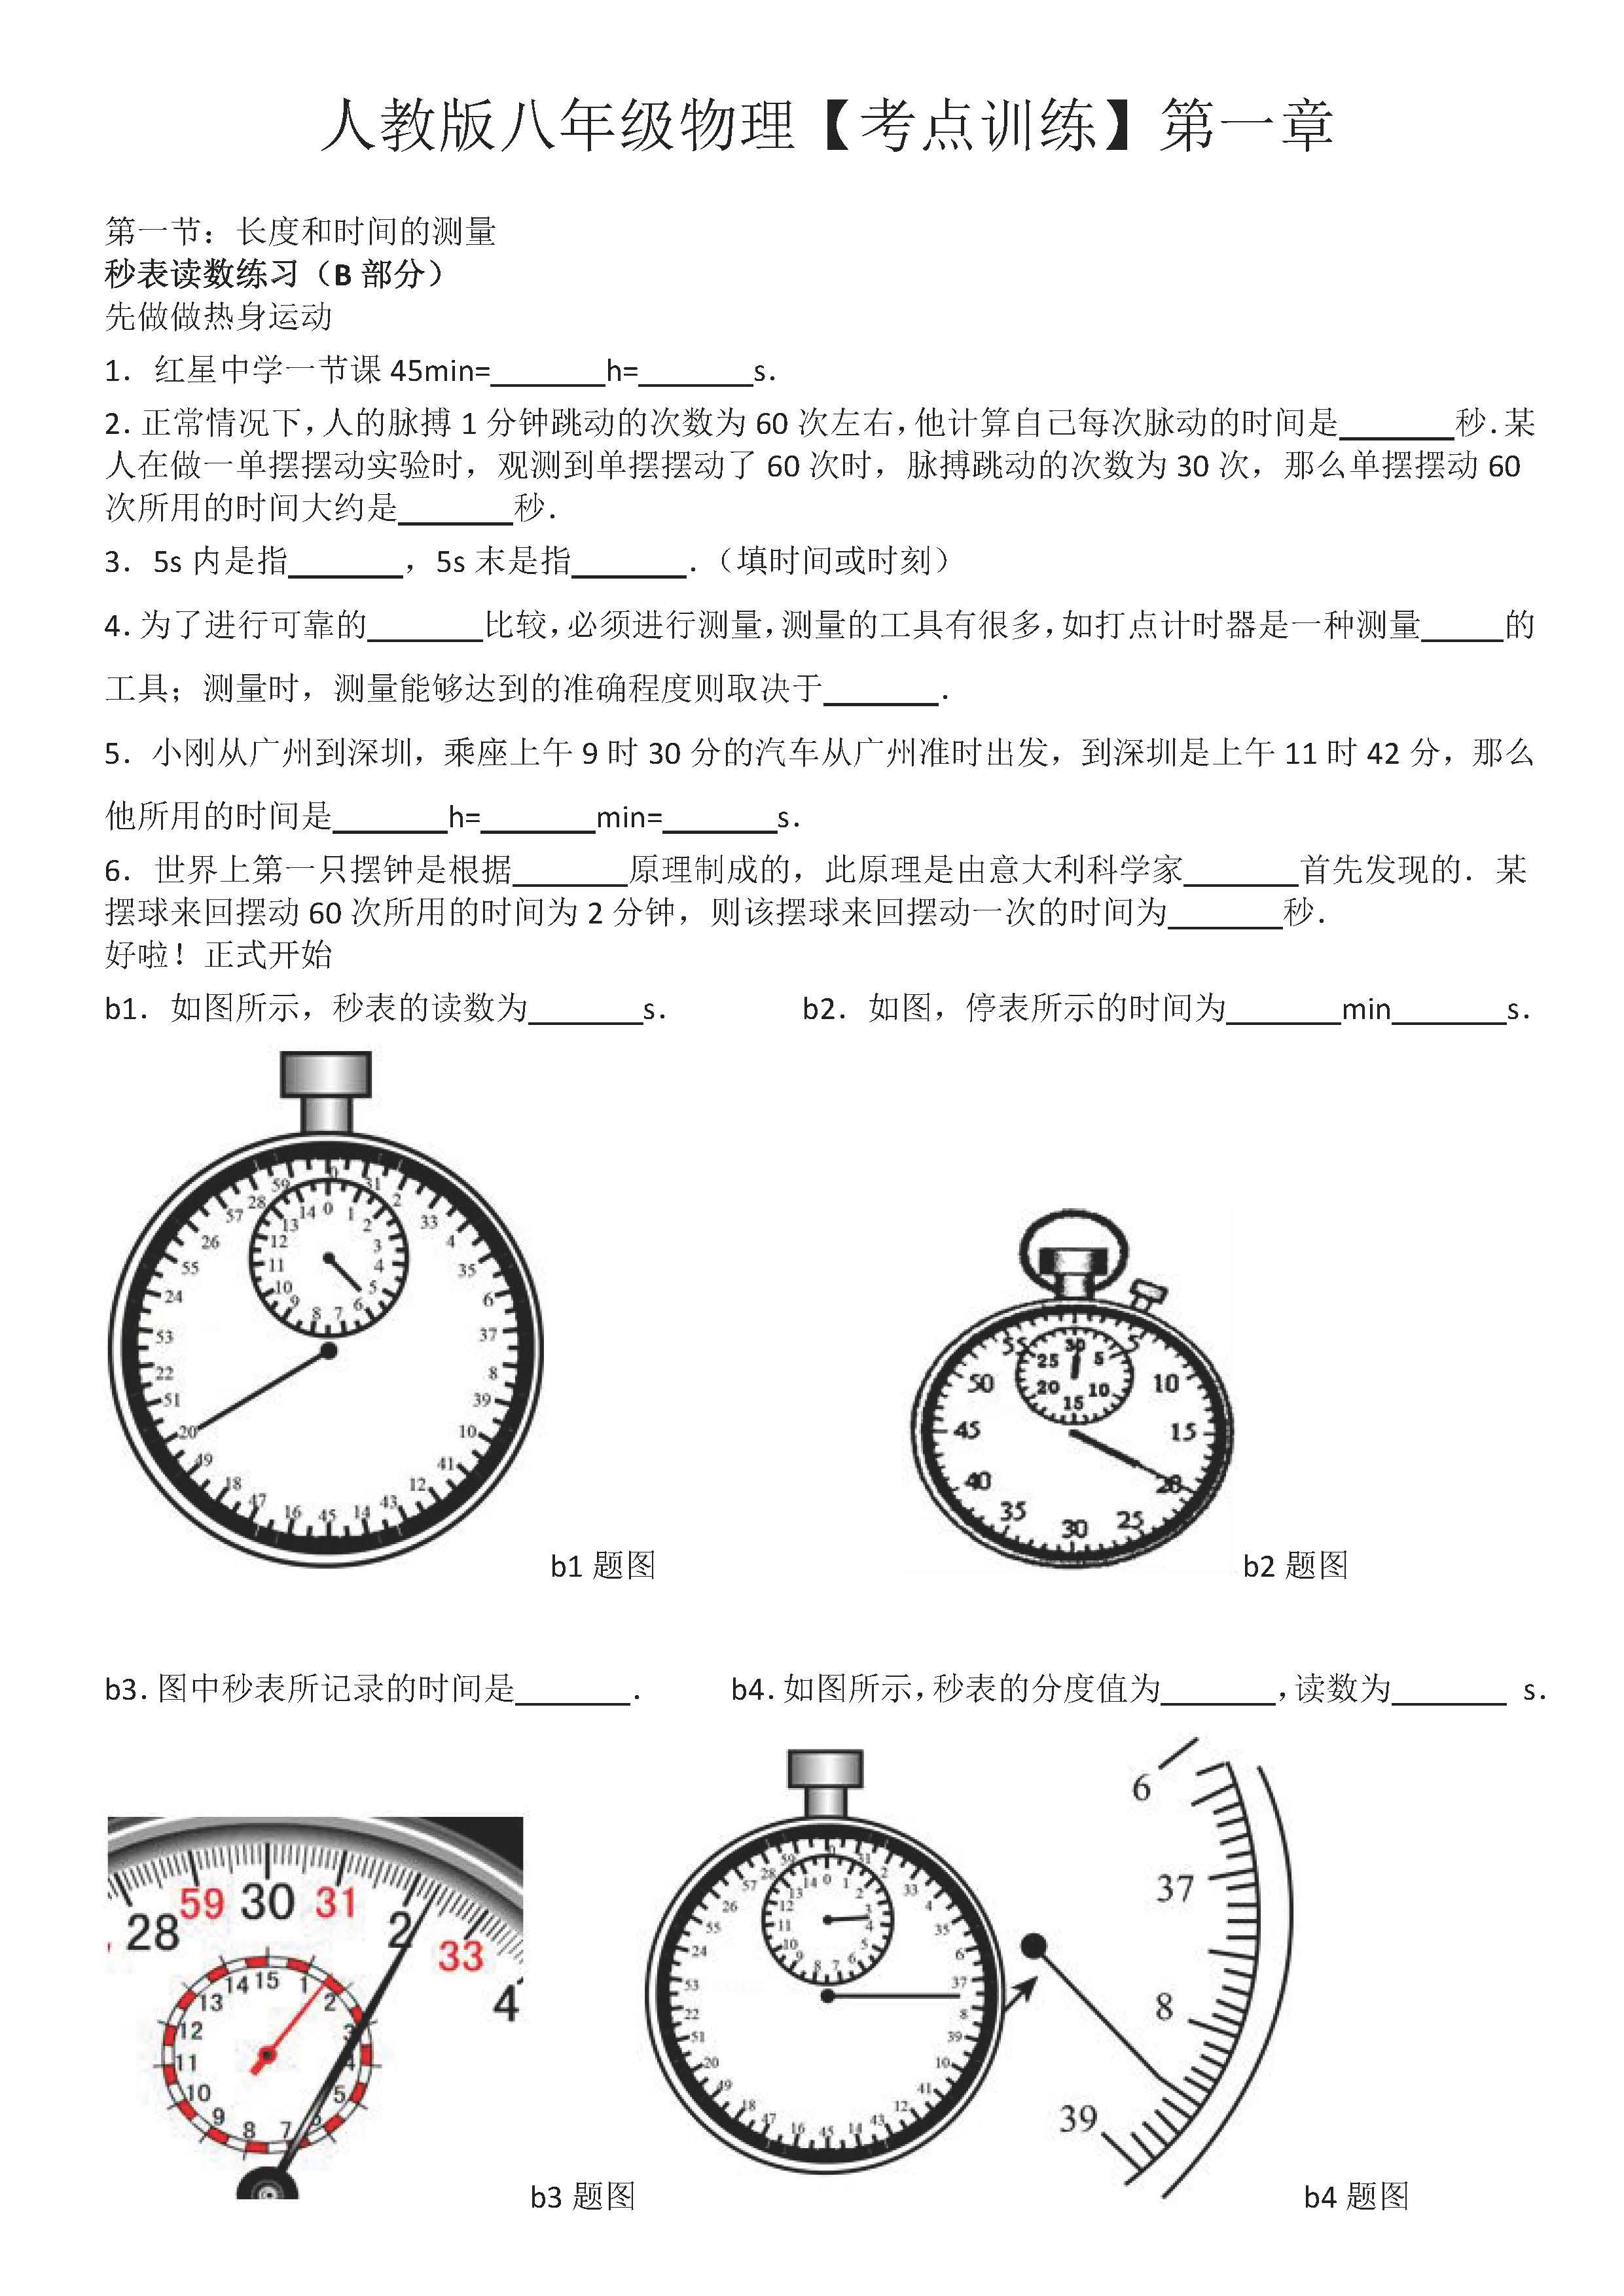 八年级物理长度和时间的测量考点专项练习题